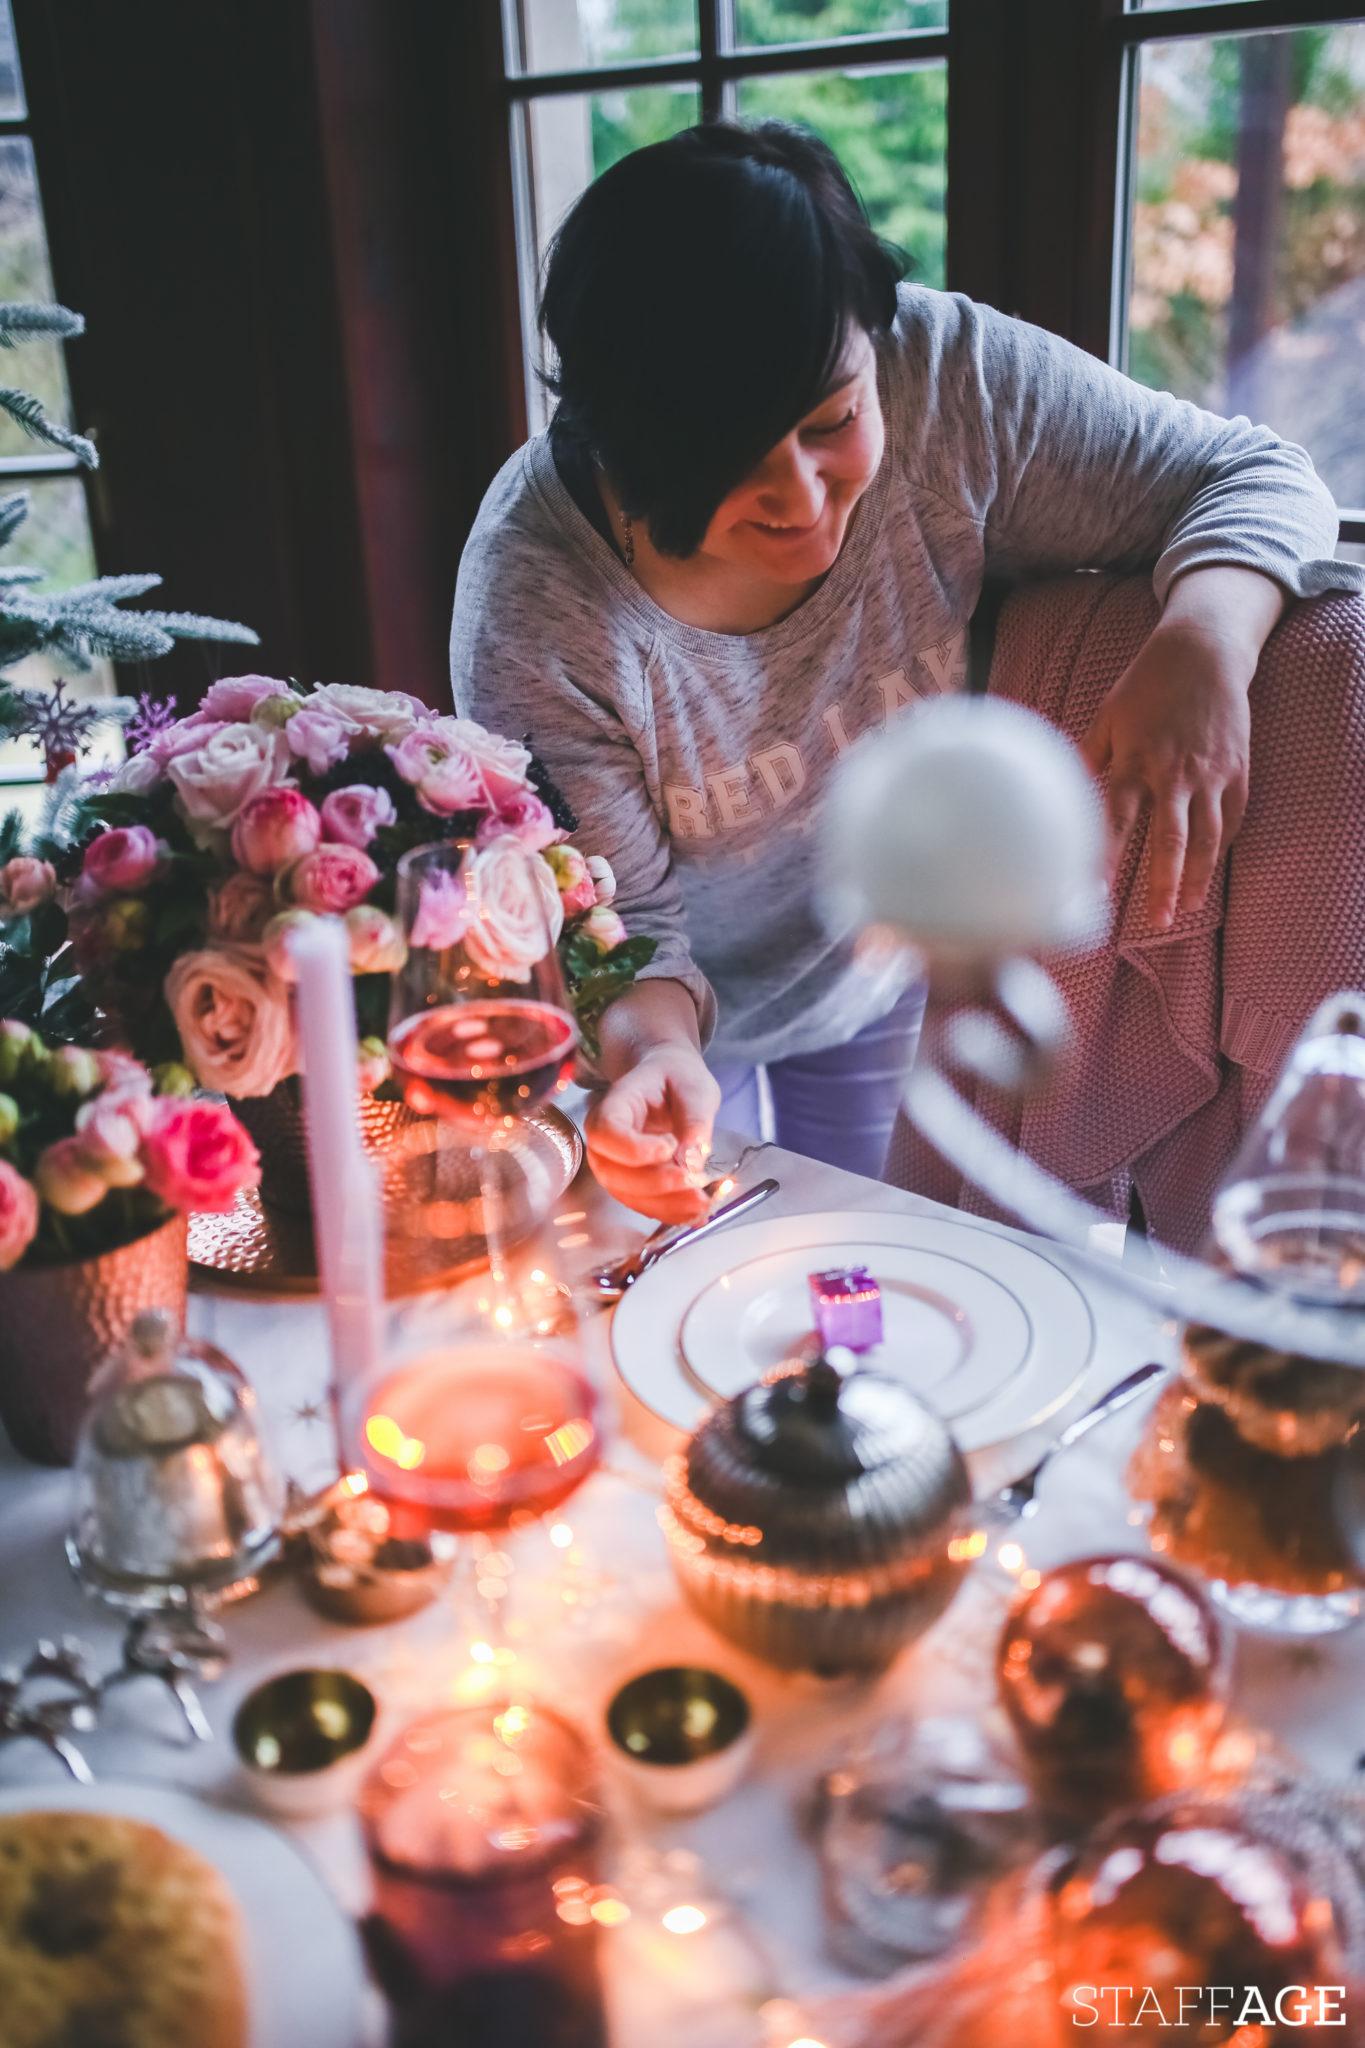 4 Staffagepl wigilijny stol pomysly na jadalnie swiateczne aranzacje chrstmas table settings ideas interior design winter flowers tableware